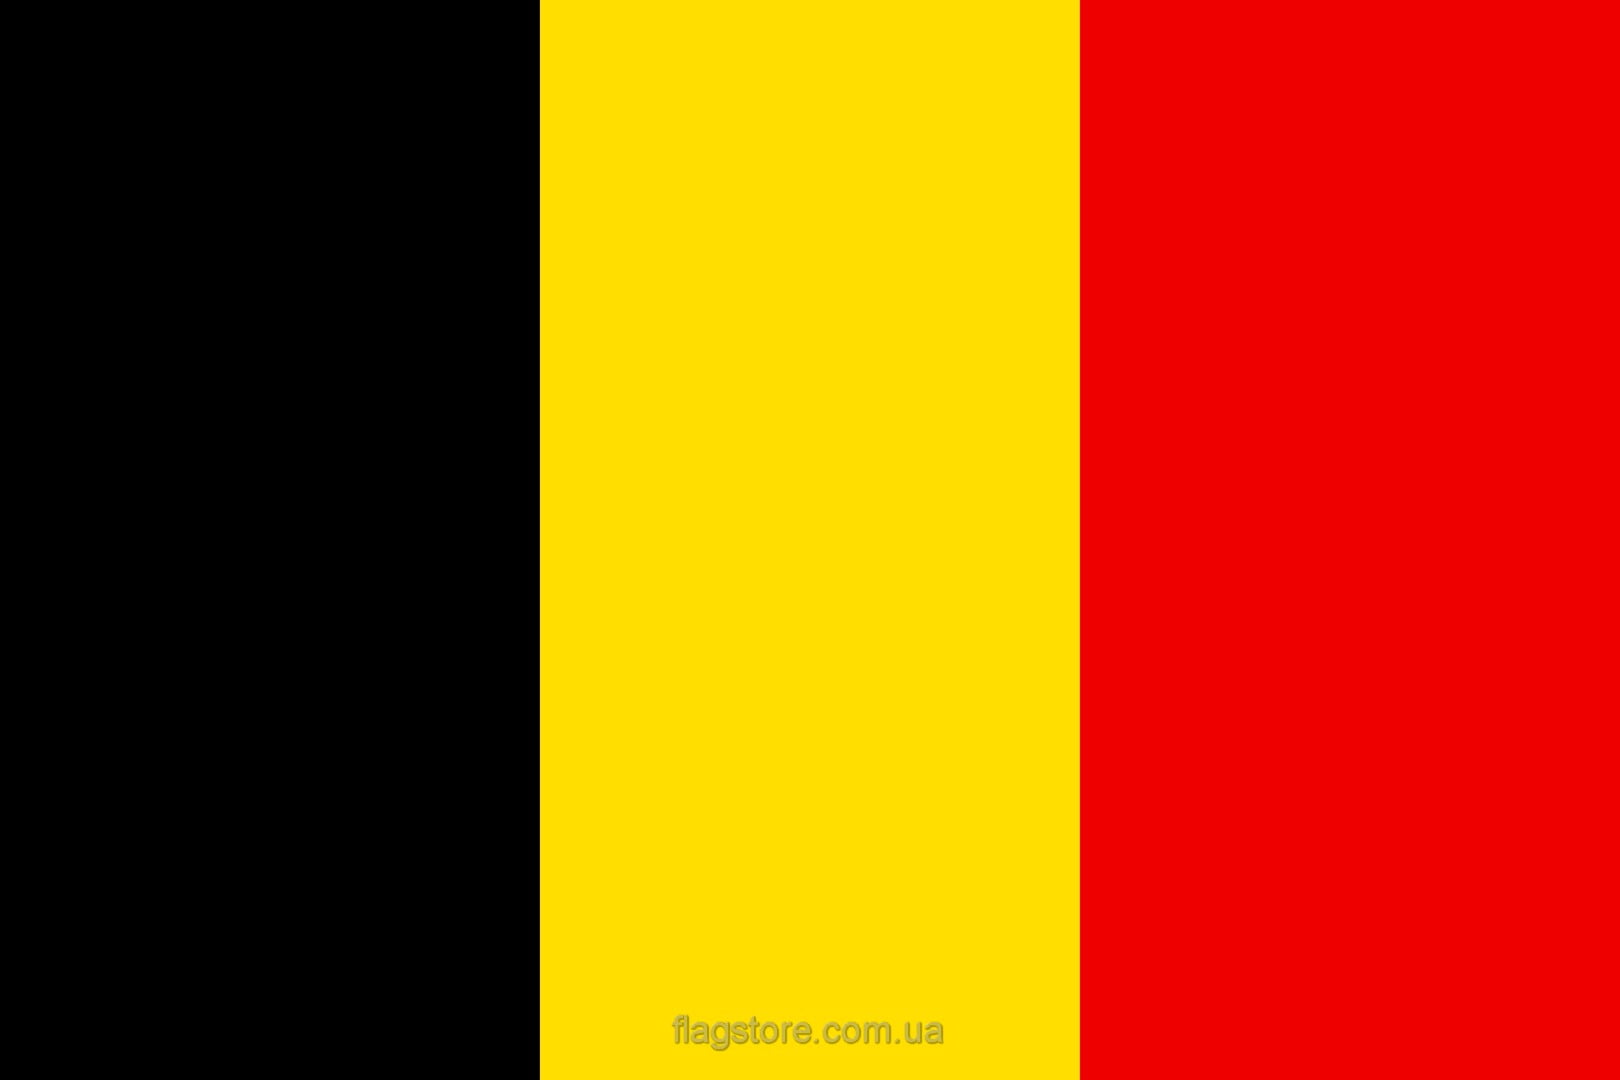 Купить флаги Бельгии (страны Бельгия)